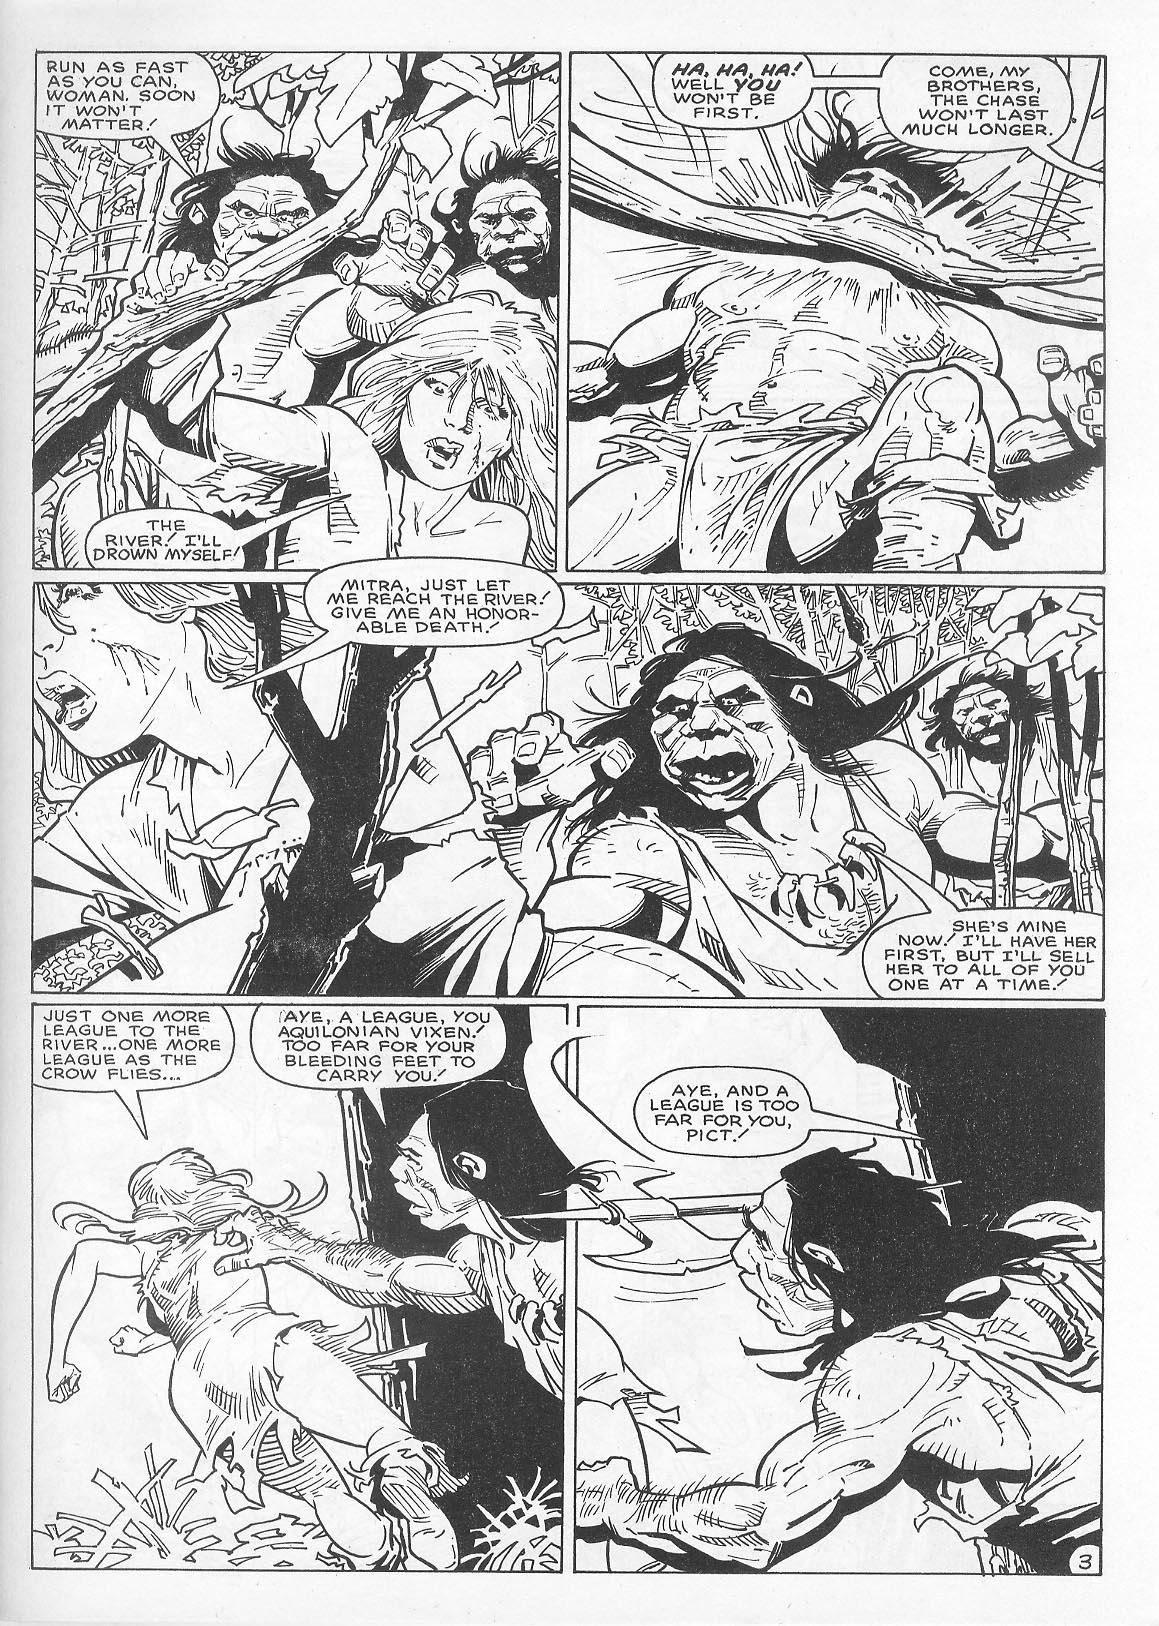 dXRULzcAHk #93 - English 9